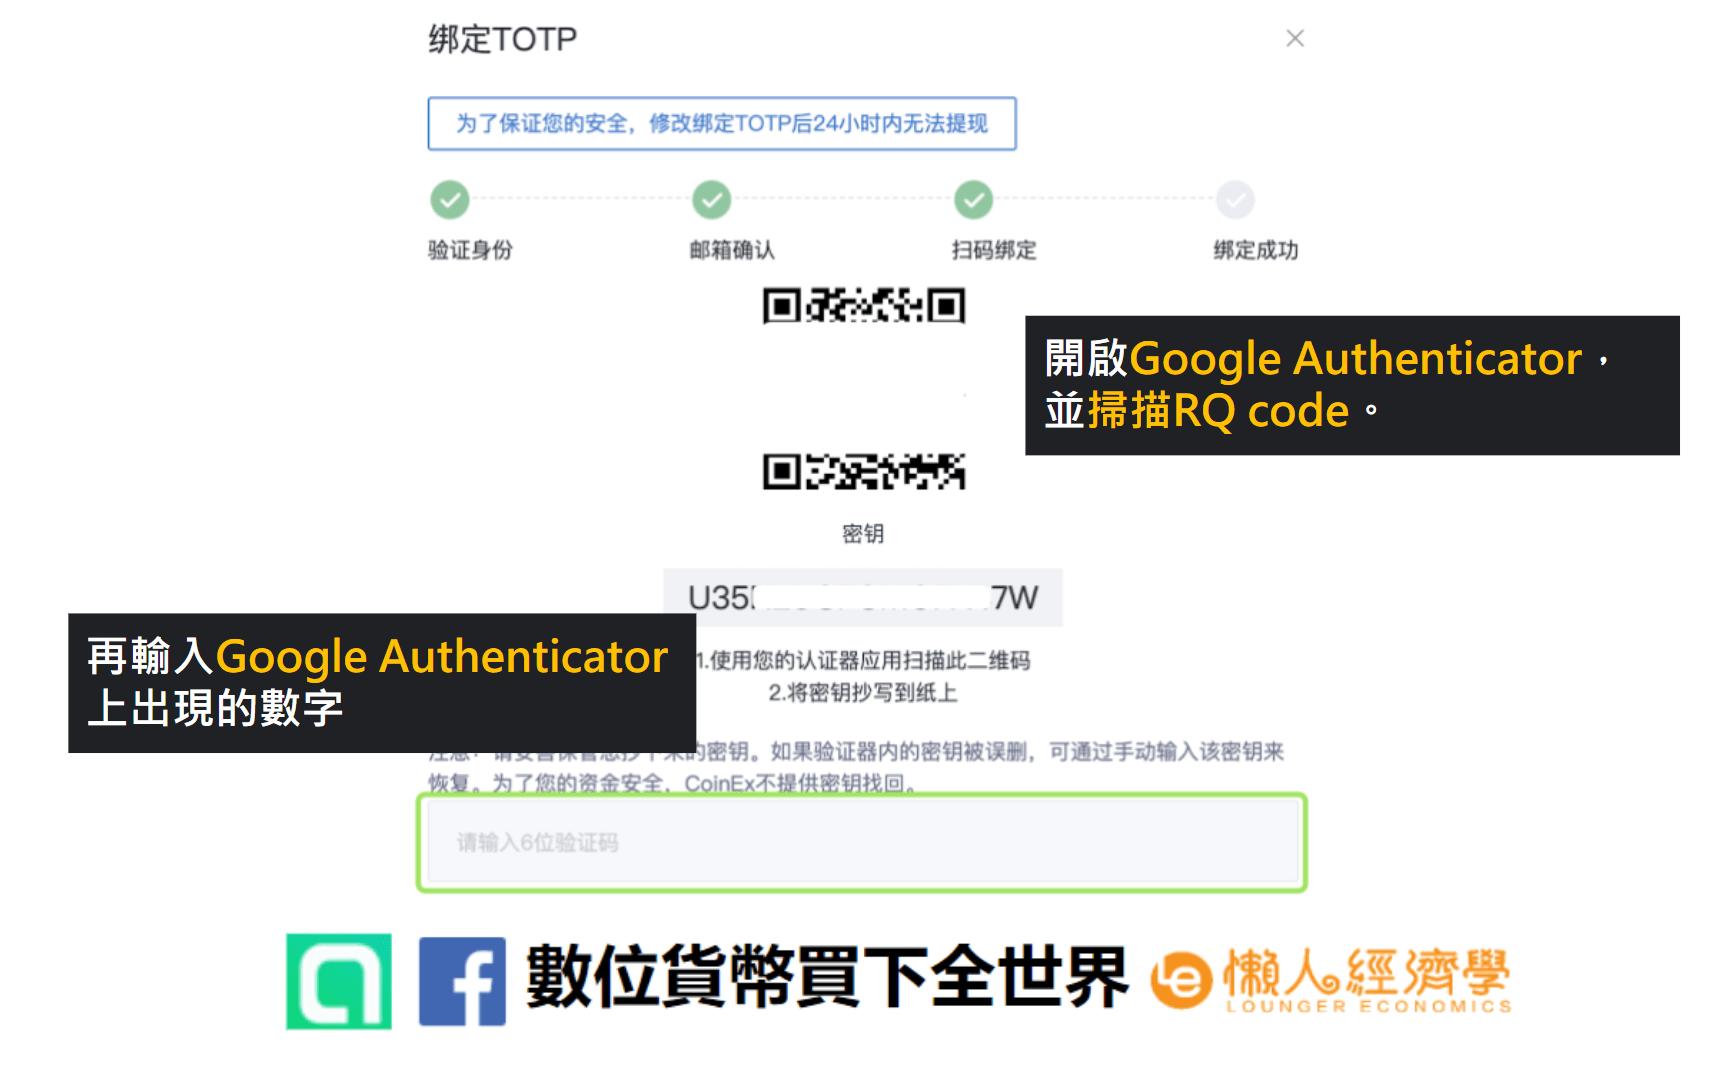 開啟Google Authenticator,並掃描RQ code